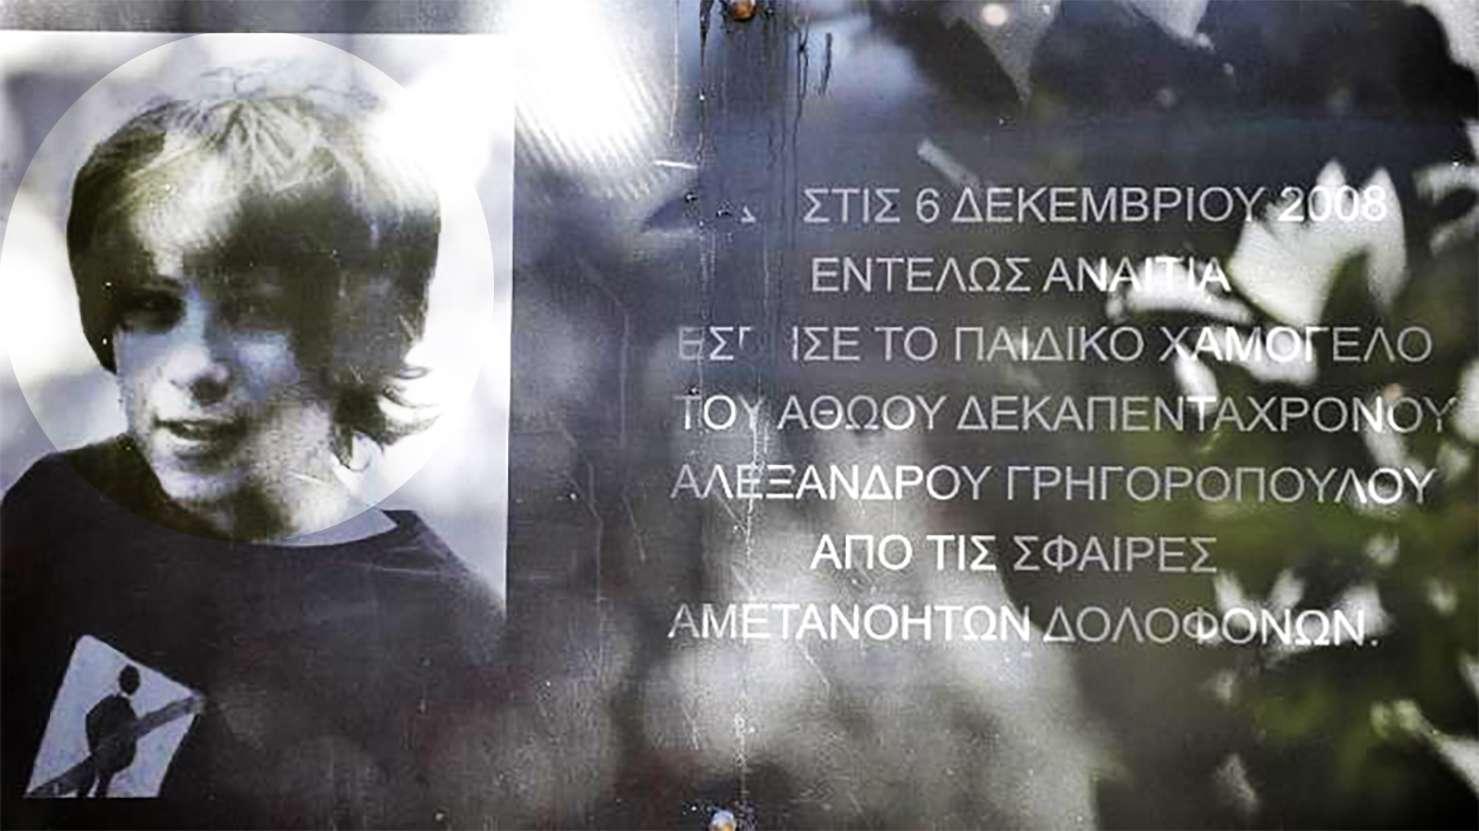 ΚΝΕ - KNE Γρηγορόπουλος Grhgoropoulos 2020